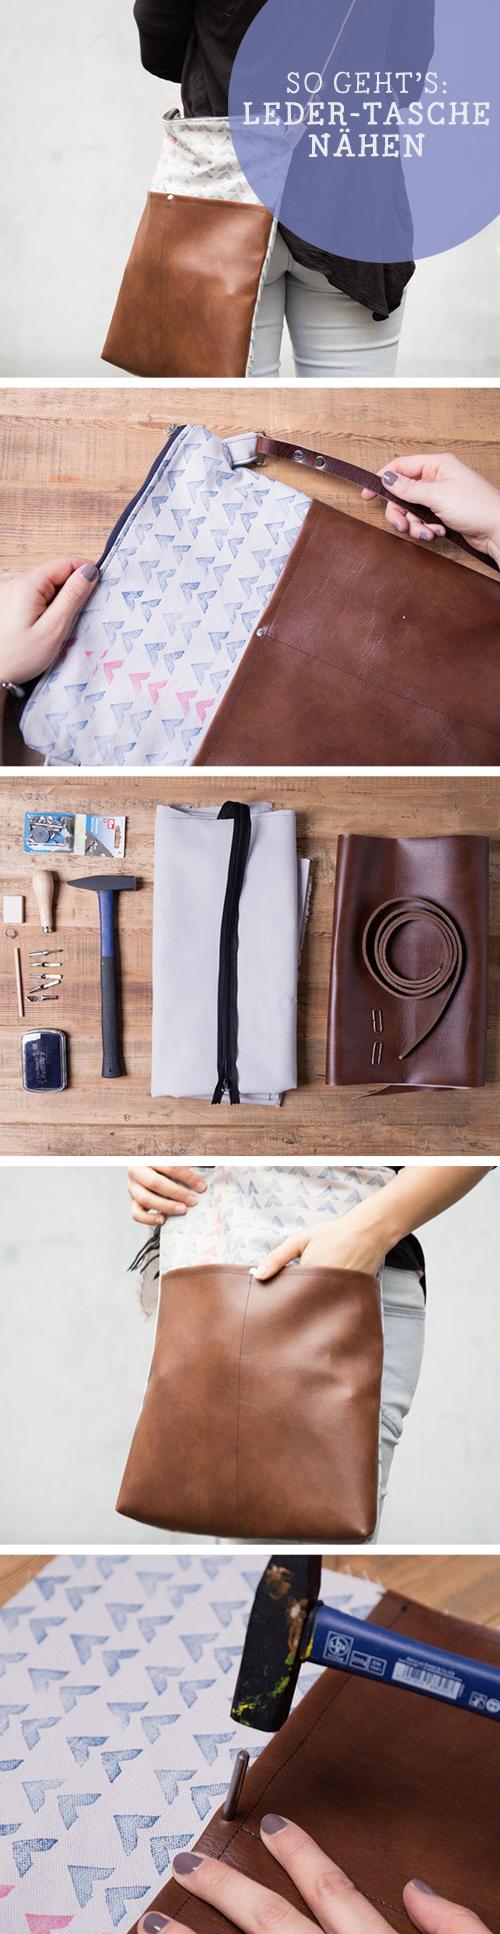 kostenlose anleitung ledertasche n hen und bedrucken trend trendy and free diy tutorial sew. Black Bedroom Furniture Sets. Home Design Ideas